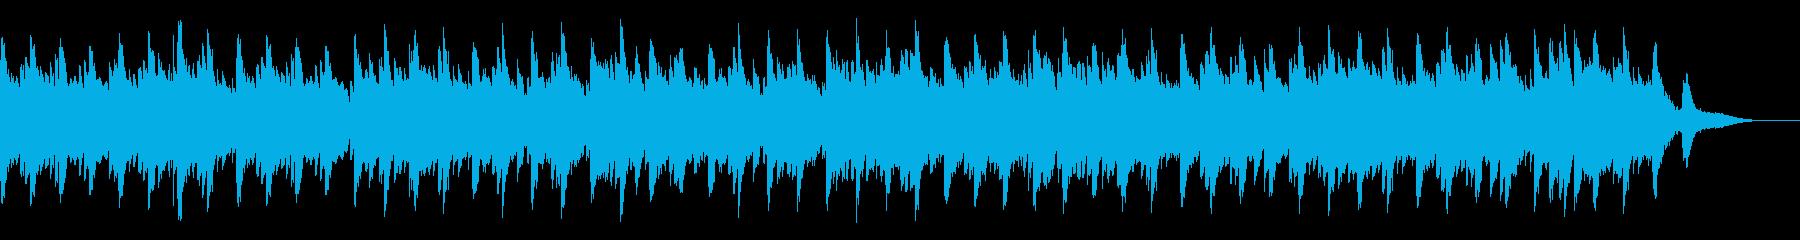 ゆったりとしたピアノソロ曲(6/8拍子)の再生済みの波形